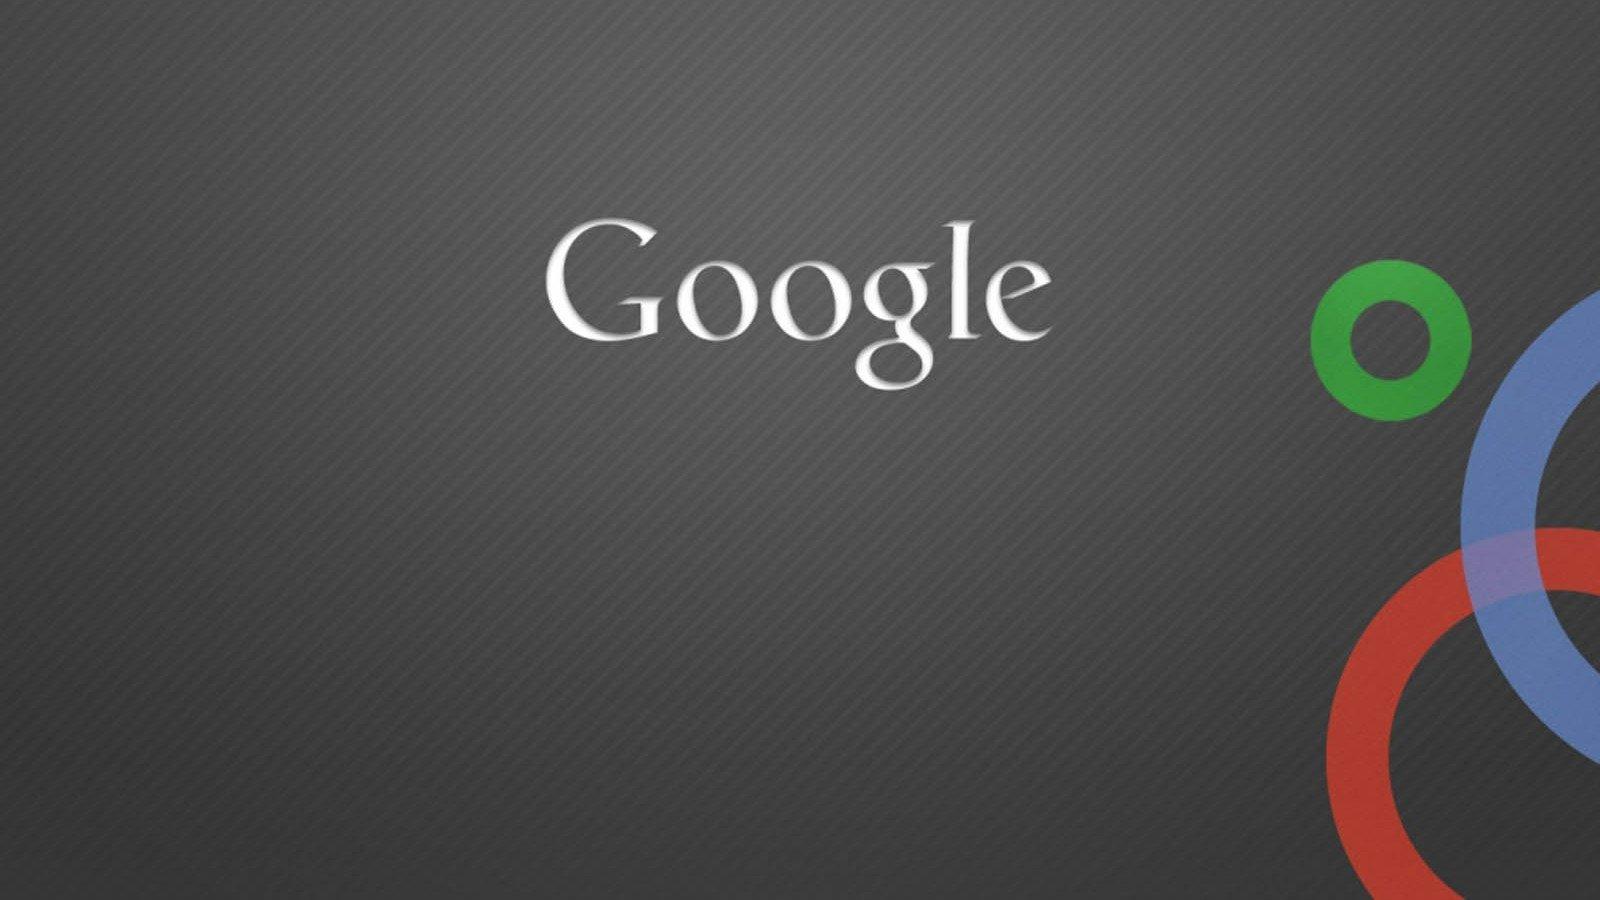 ОС от Google вновь ждут там, где раньше ее не было